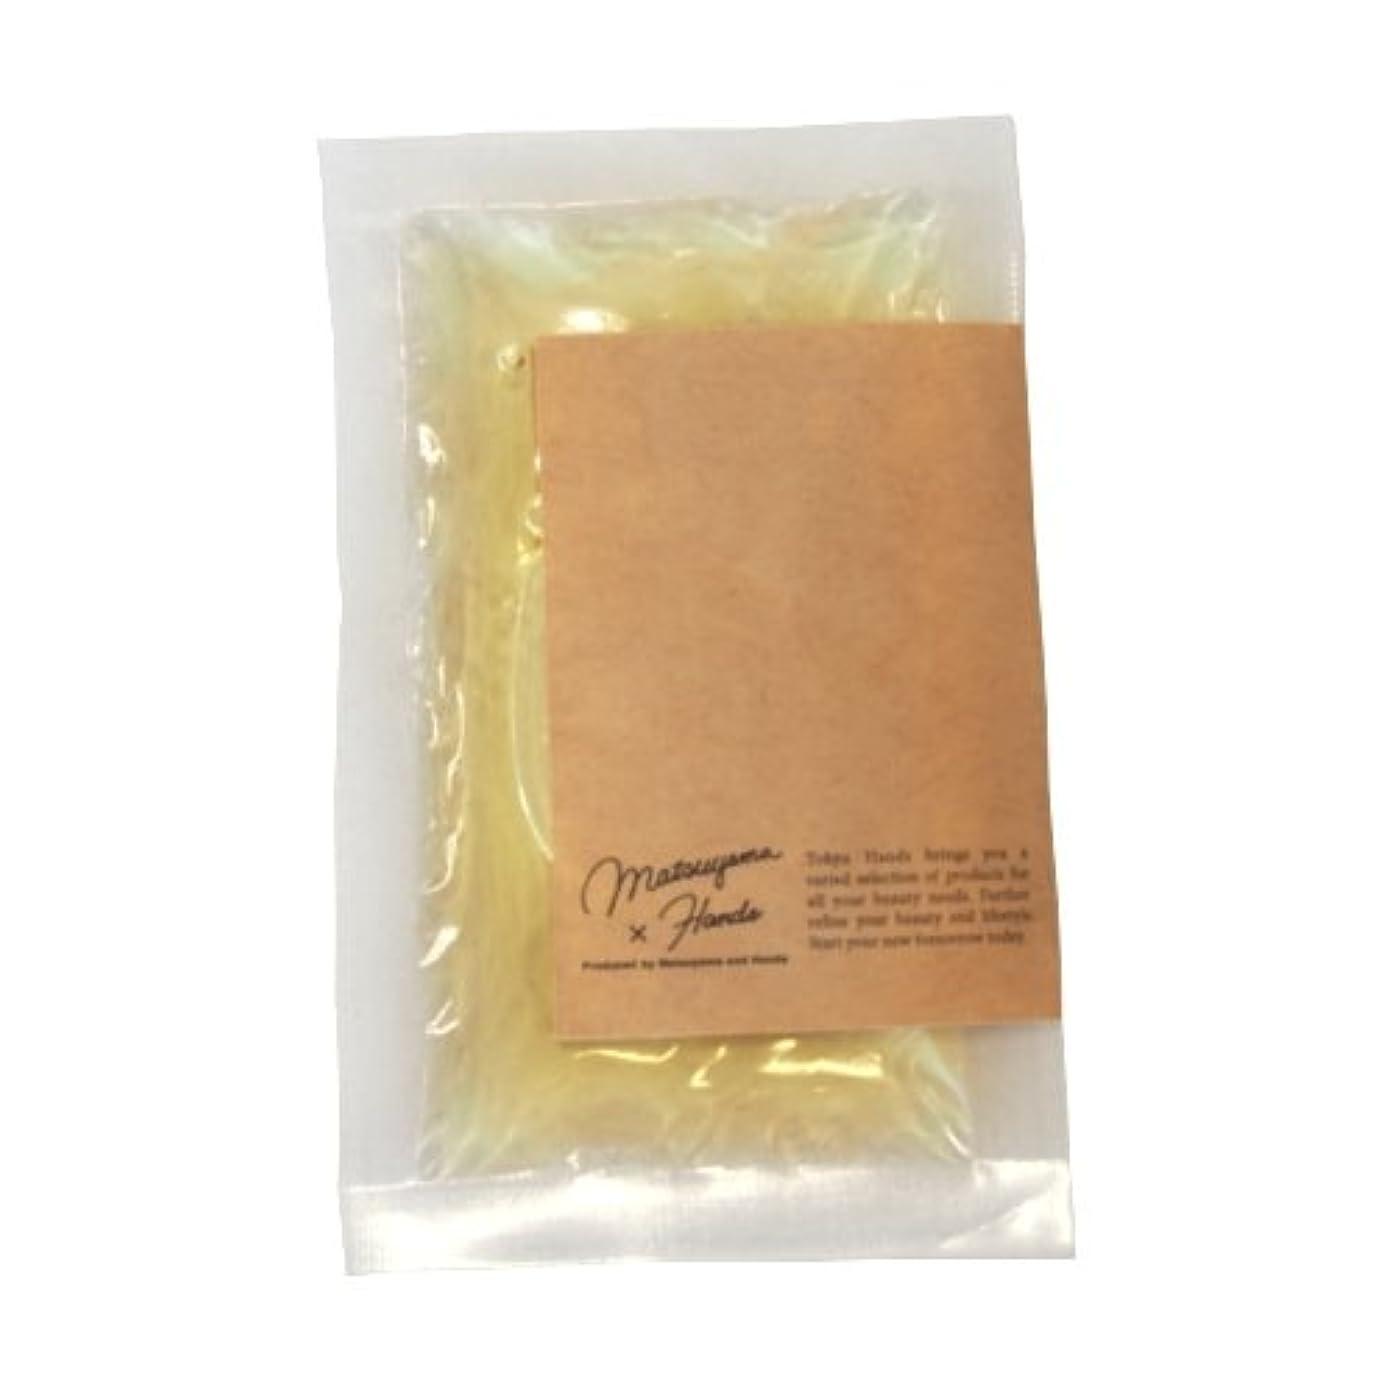 清めるタイピストブランデー松山油脂×東急ハンズ モイスチャーバスエッセンス カモミール 20mL